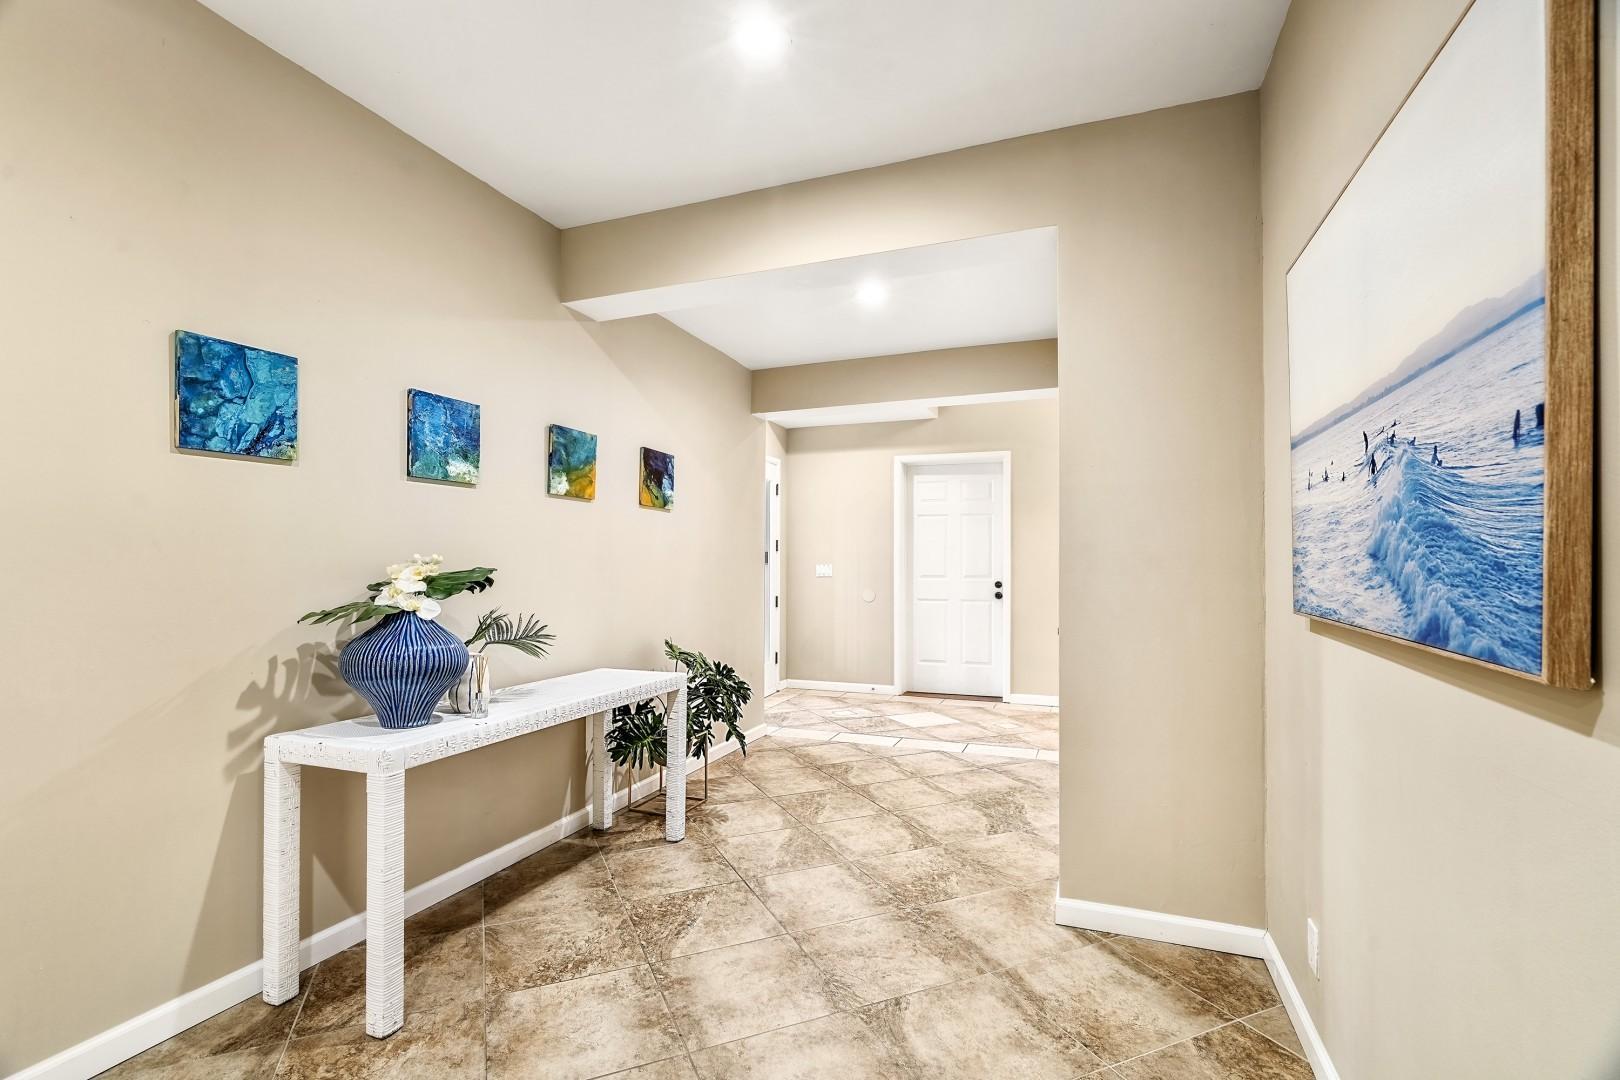 Foyer at Lymans Bay Hale